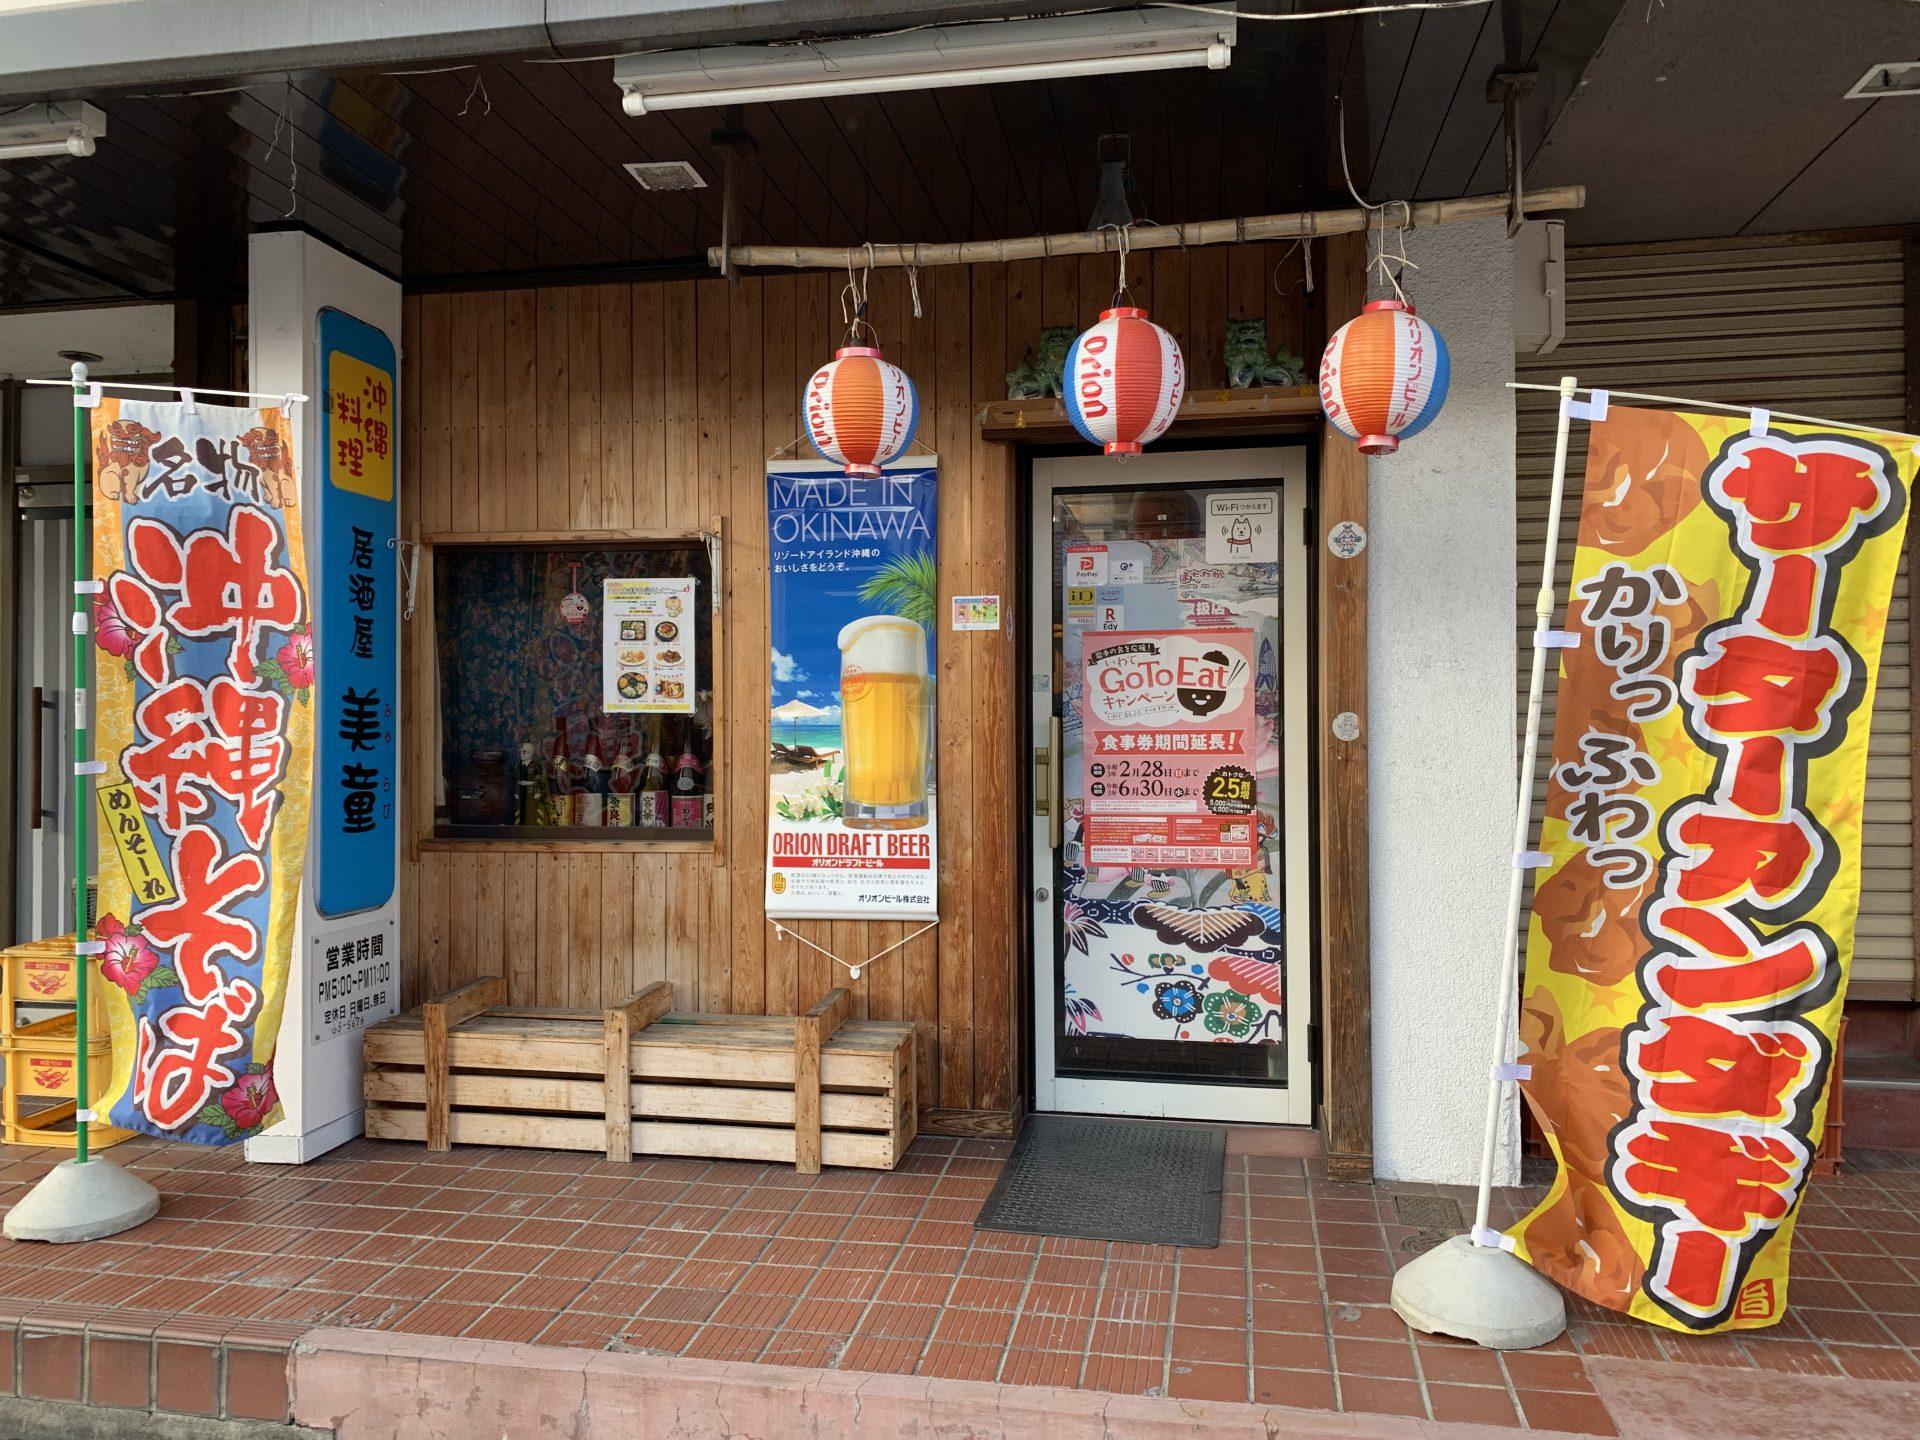 北上市で常夏気分!?石垣島出身の店主が腕を振るう、本格沖縄 気さくな店主が、本場の沖縄料理を振る舞う美童(みやらび)。オリオンビールや泡盛、ハブ酒等の沖縄のお酒も楽しむことができ、まるで沖縄にいるかのよう。 昼営業も行っており、お店で食べる以外にテイクアウト営業も行っています。 ...